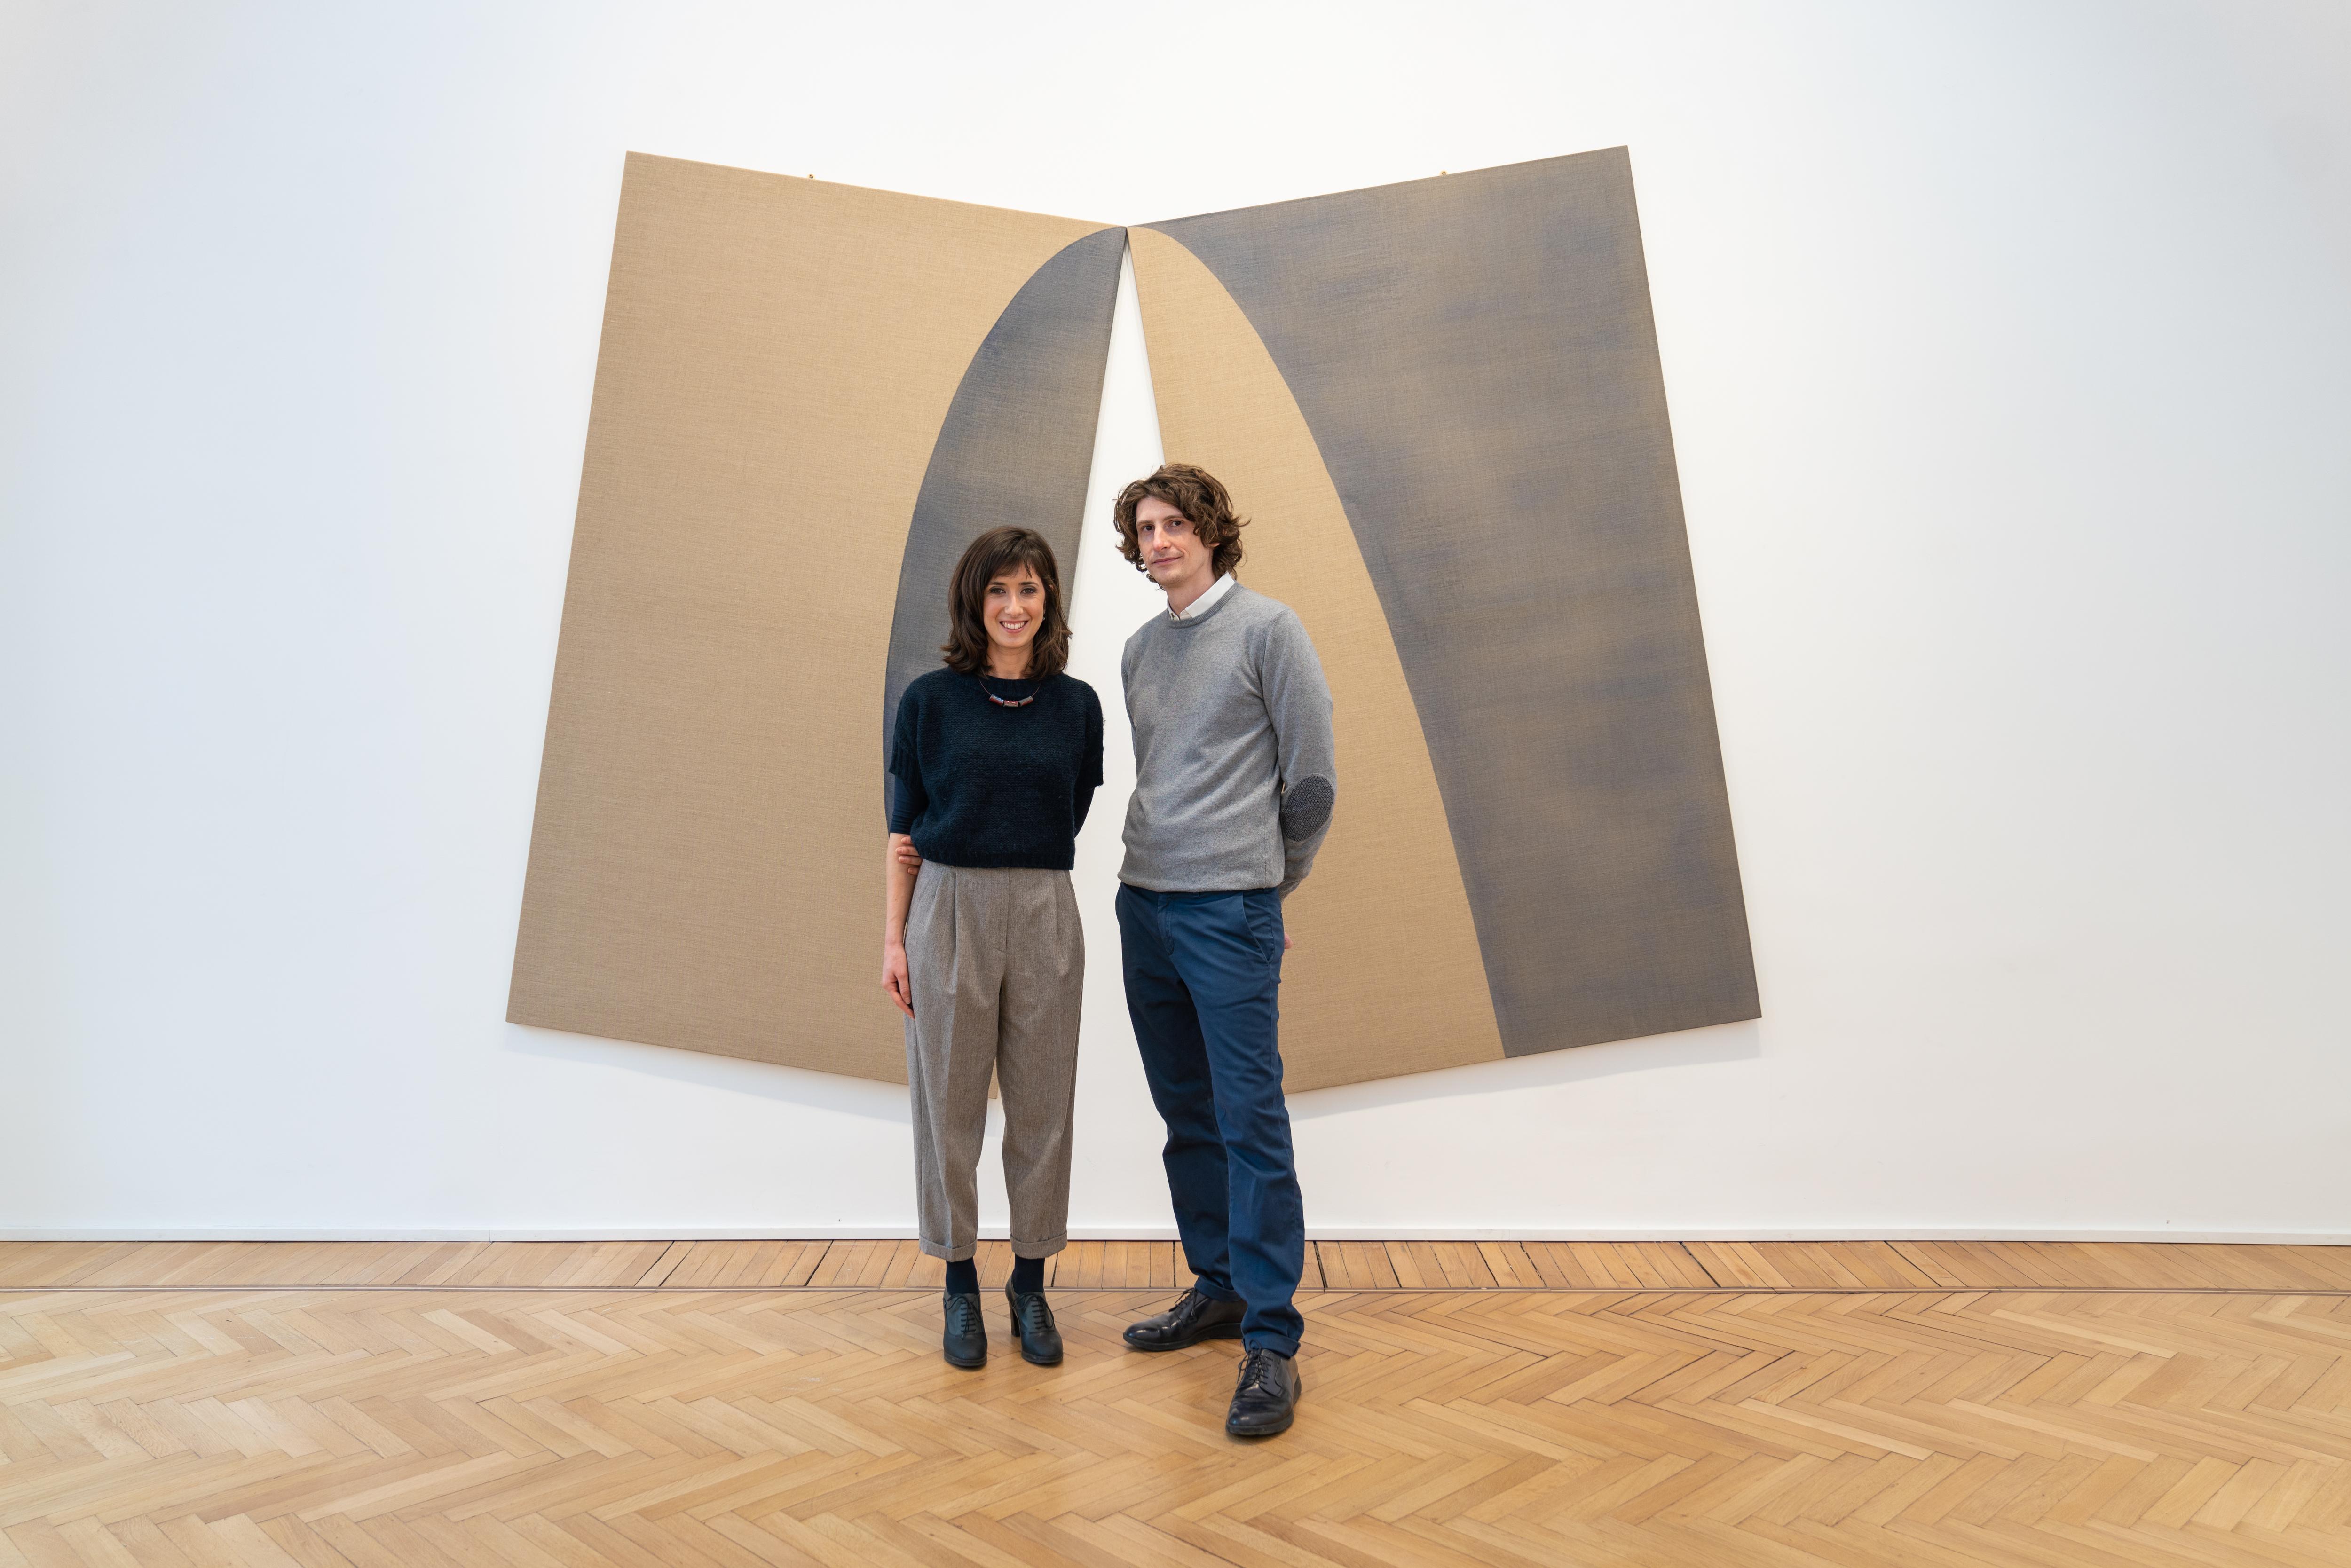 Gli artisti Valentina Ornaghi e Claudio Prestinari alla mostra Toccante, Galleria Continua di Roma. (Courtesy Galleria